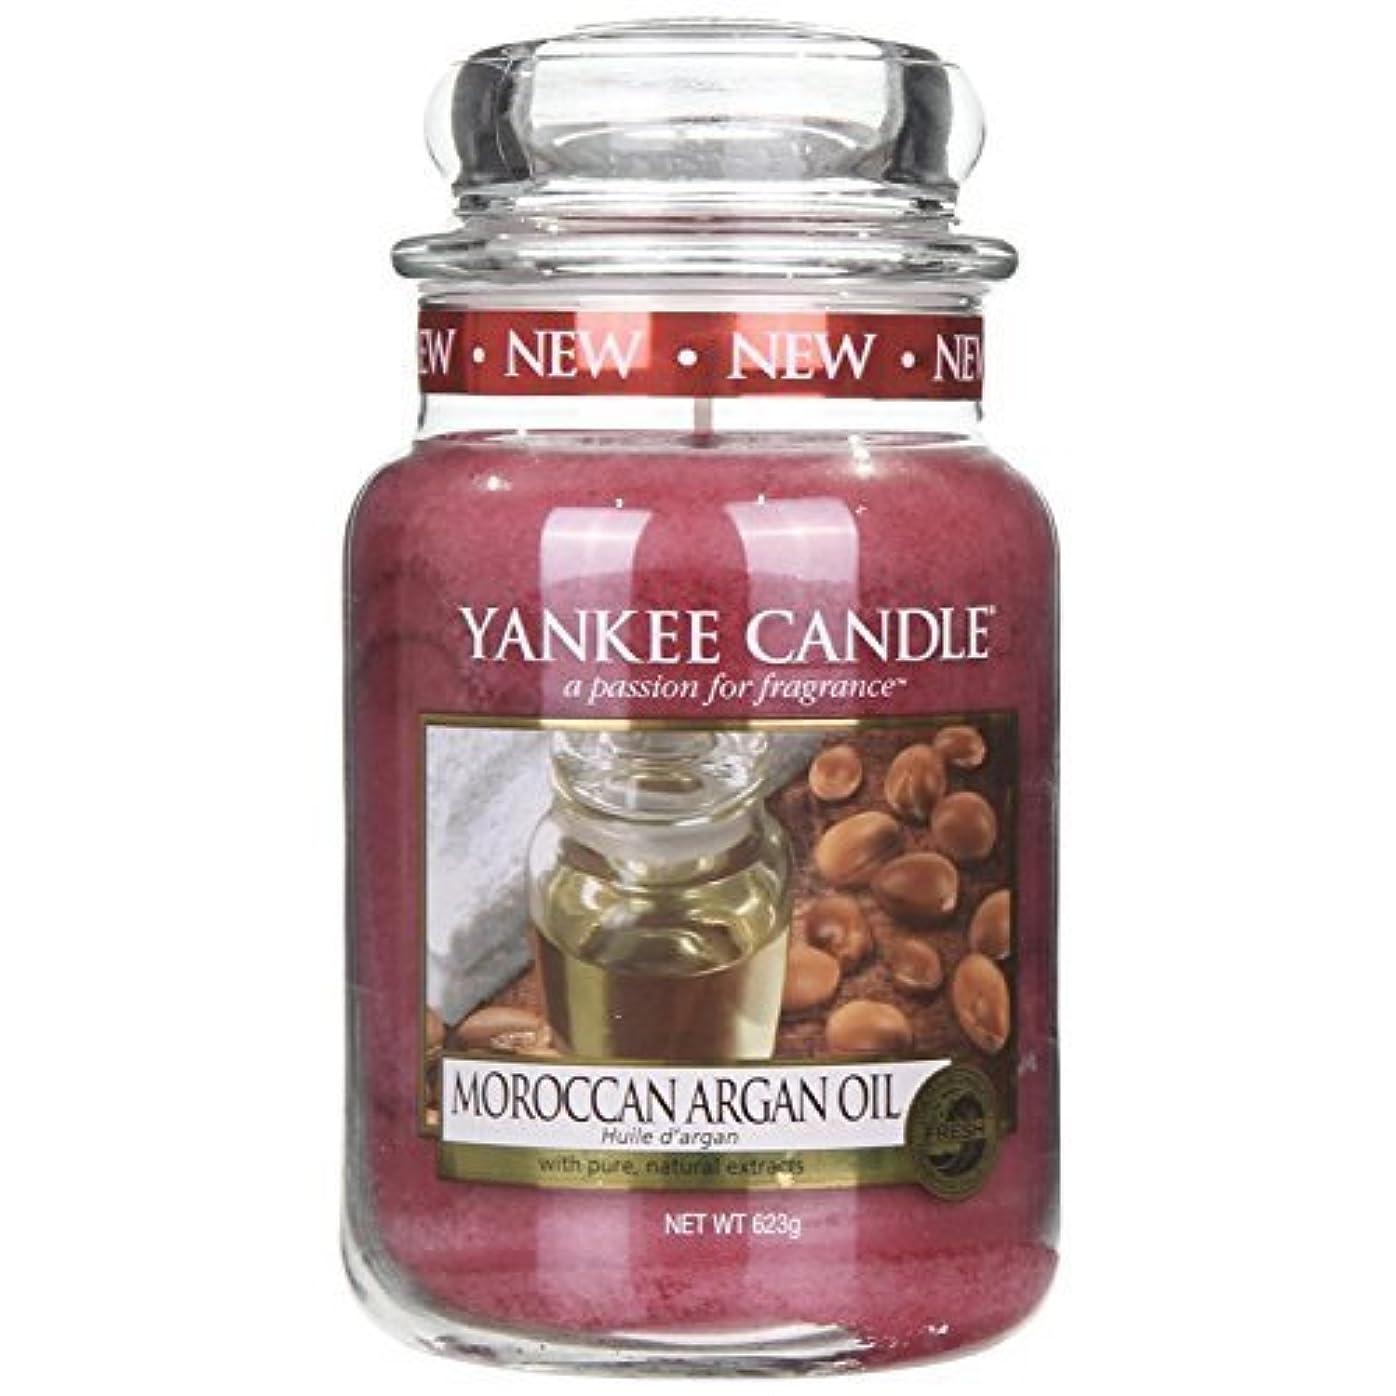 農奴魅惑的なウェイトレスYankee Candle MOROCCAN ARGAN OIL 22oz Large Jar Candle - UK Exclusive by Yankee Candle [並行輸入品]